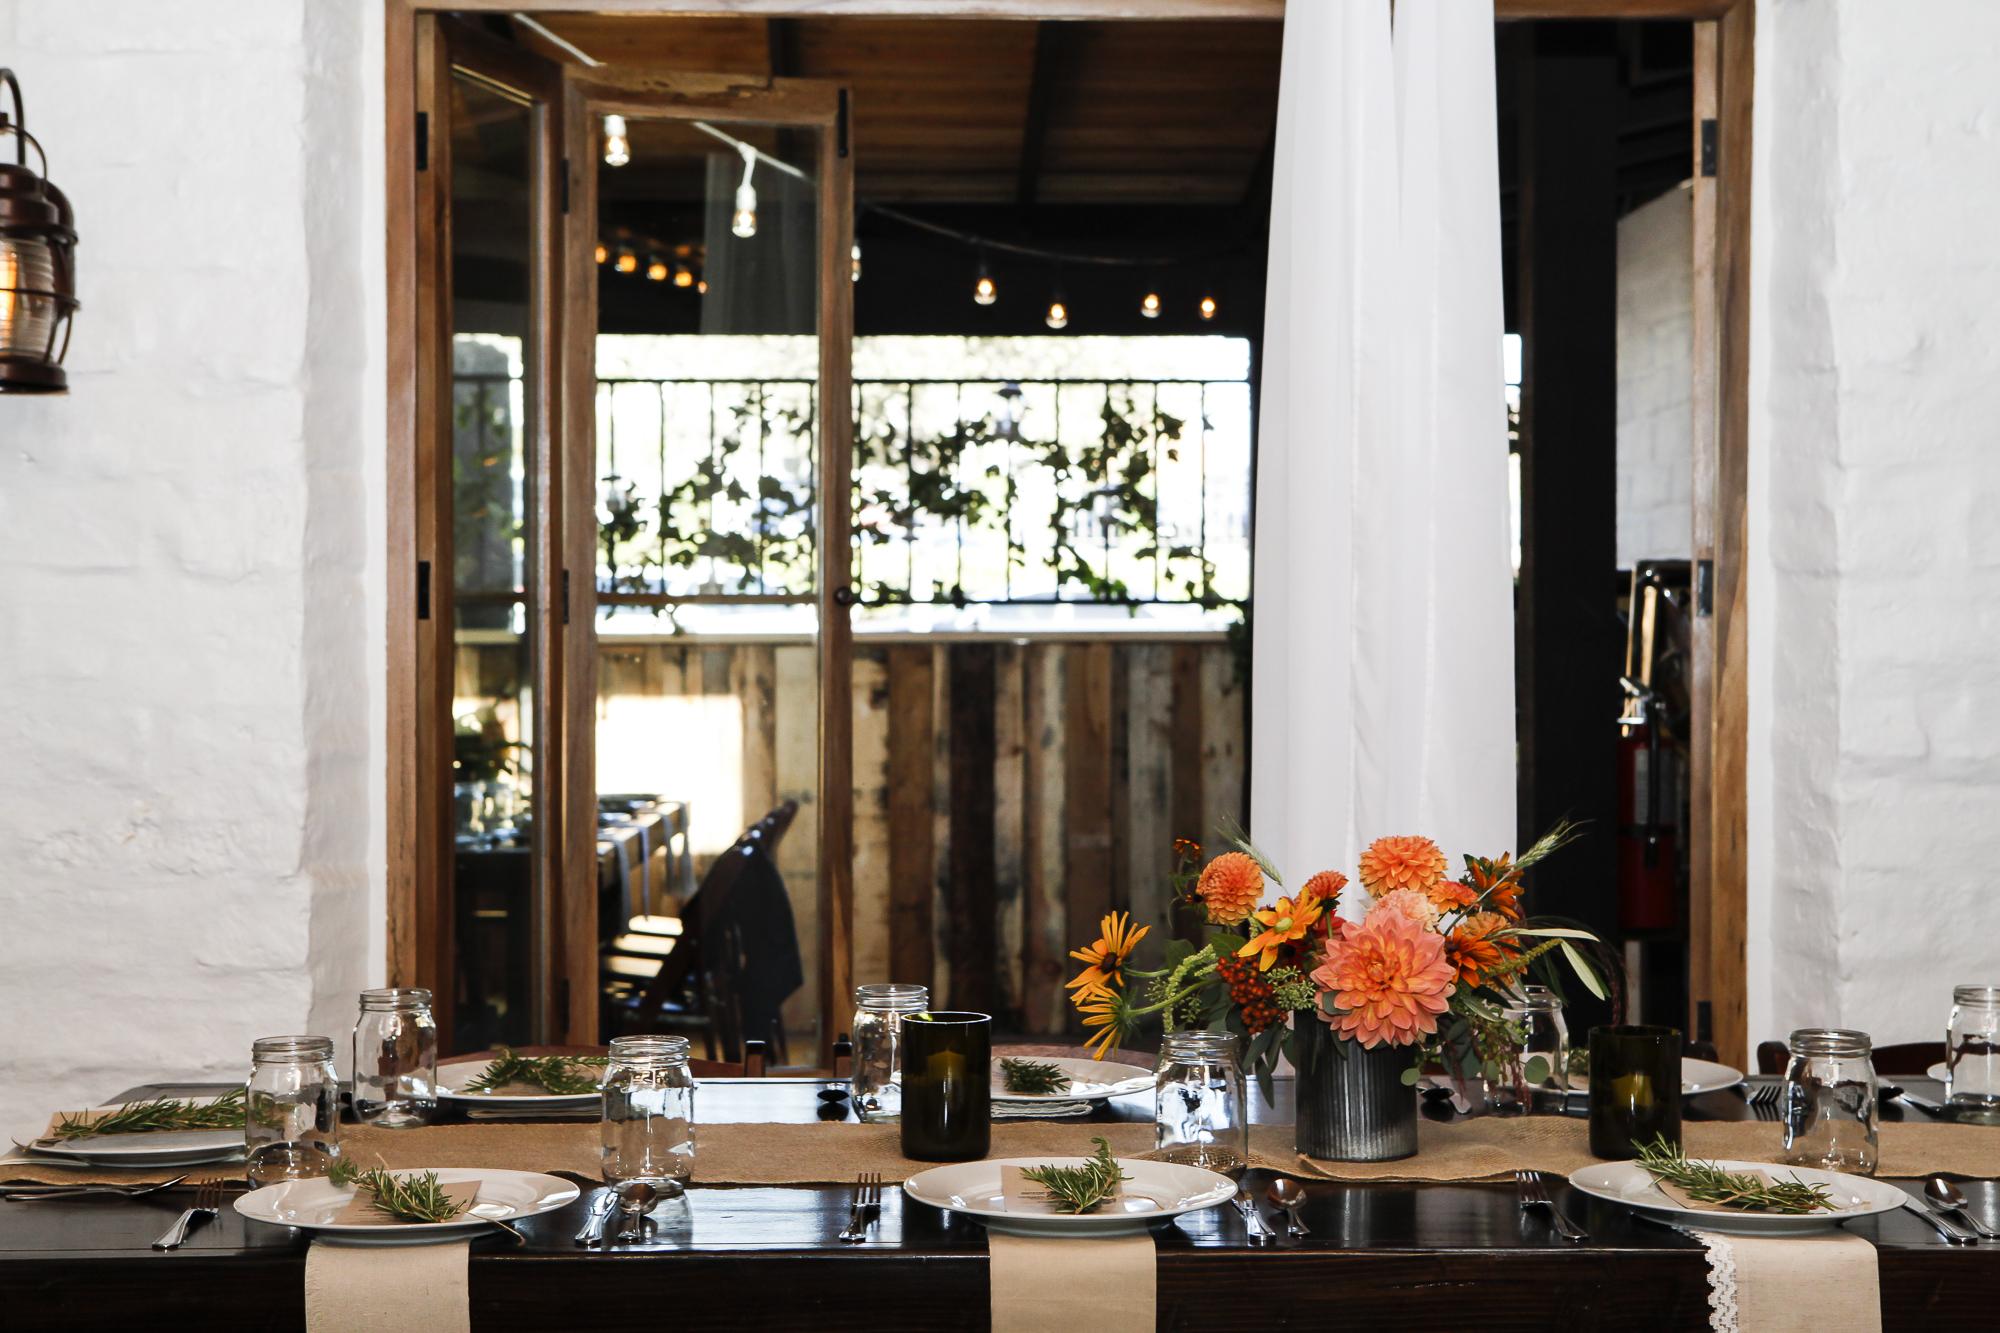 santabarbarawedding.com | Location Spotlight: K'Sryah Banquet Location in Santa Ynez, CA